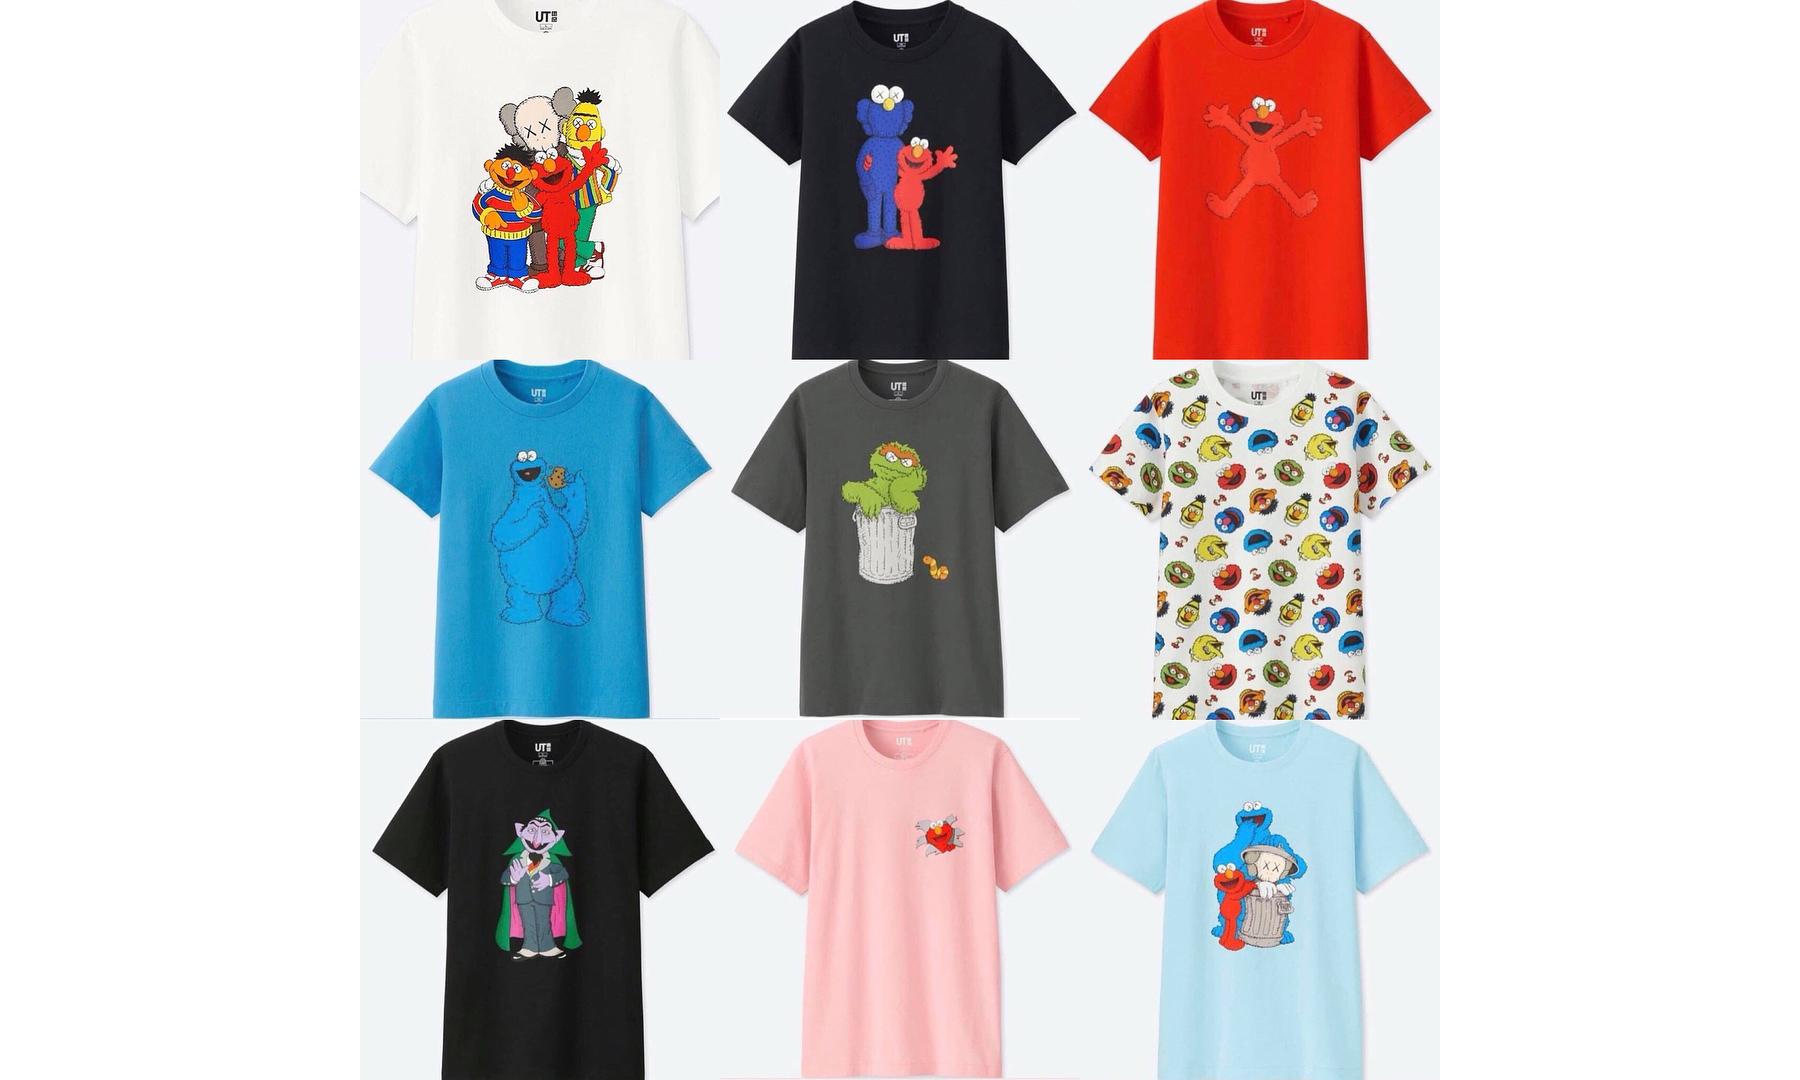 抢先预览 UT x KAWS x 芝麻街联名 T恤系列